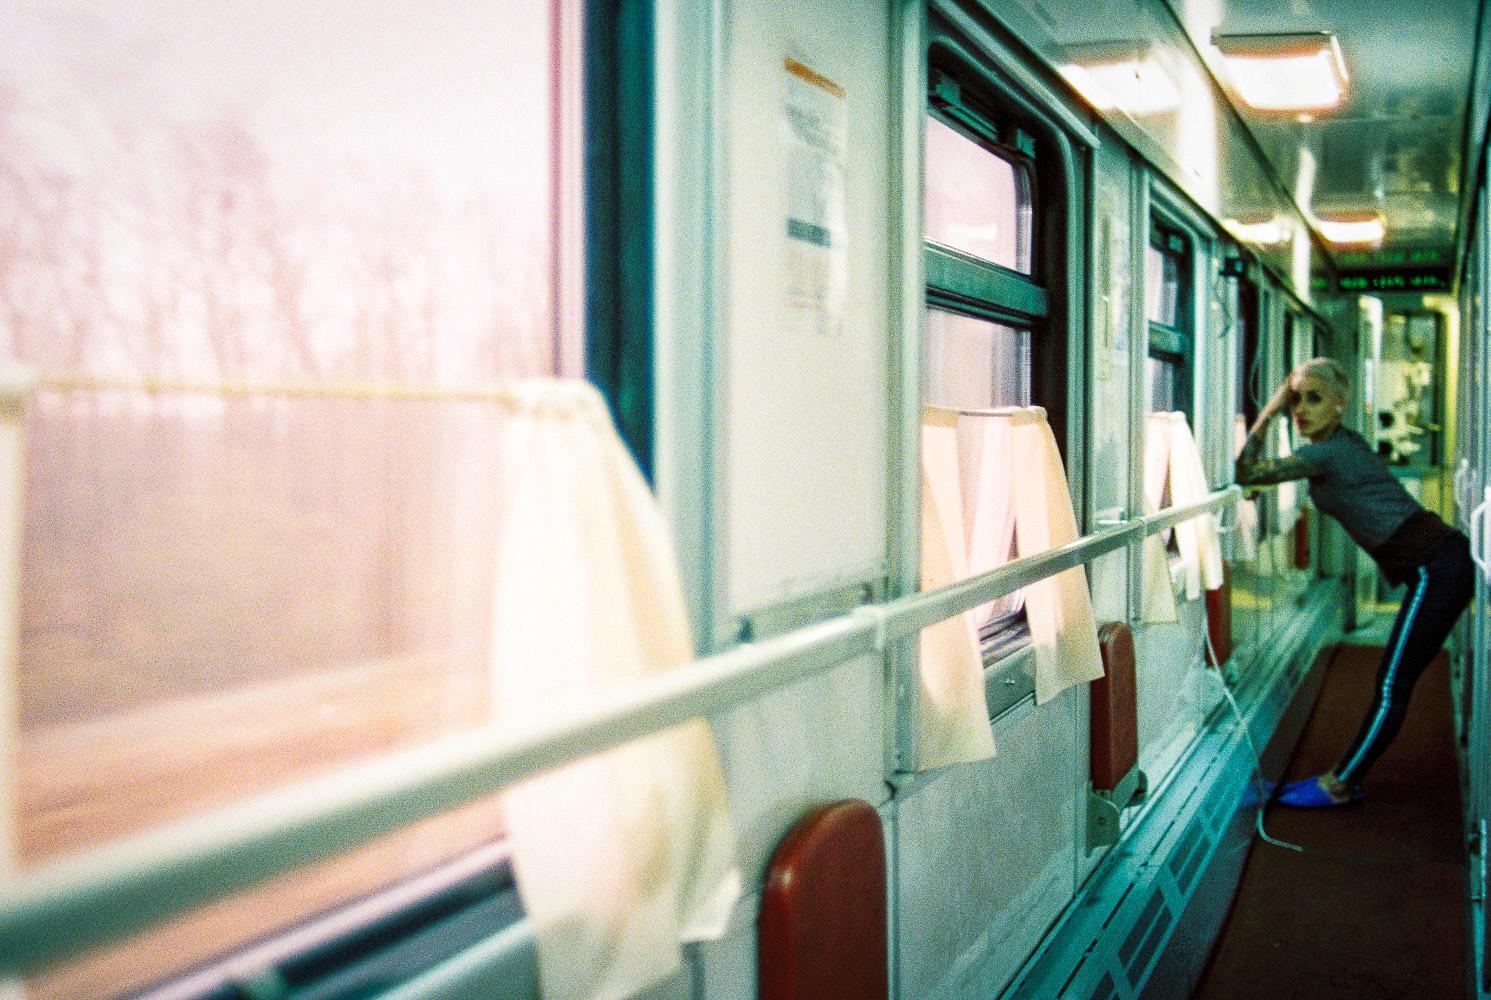 Leica MP + Cinestill film 800T